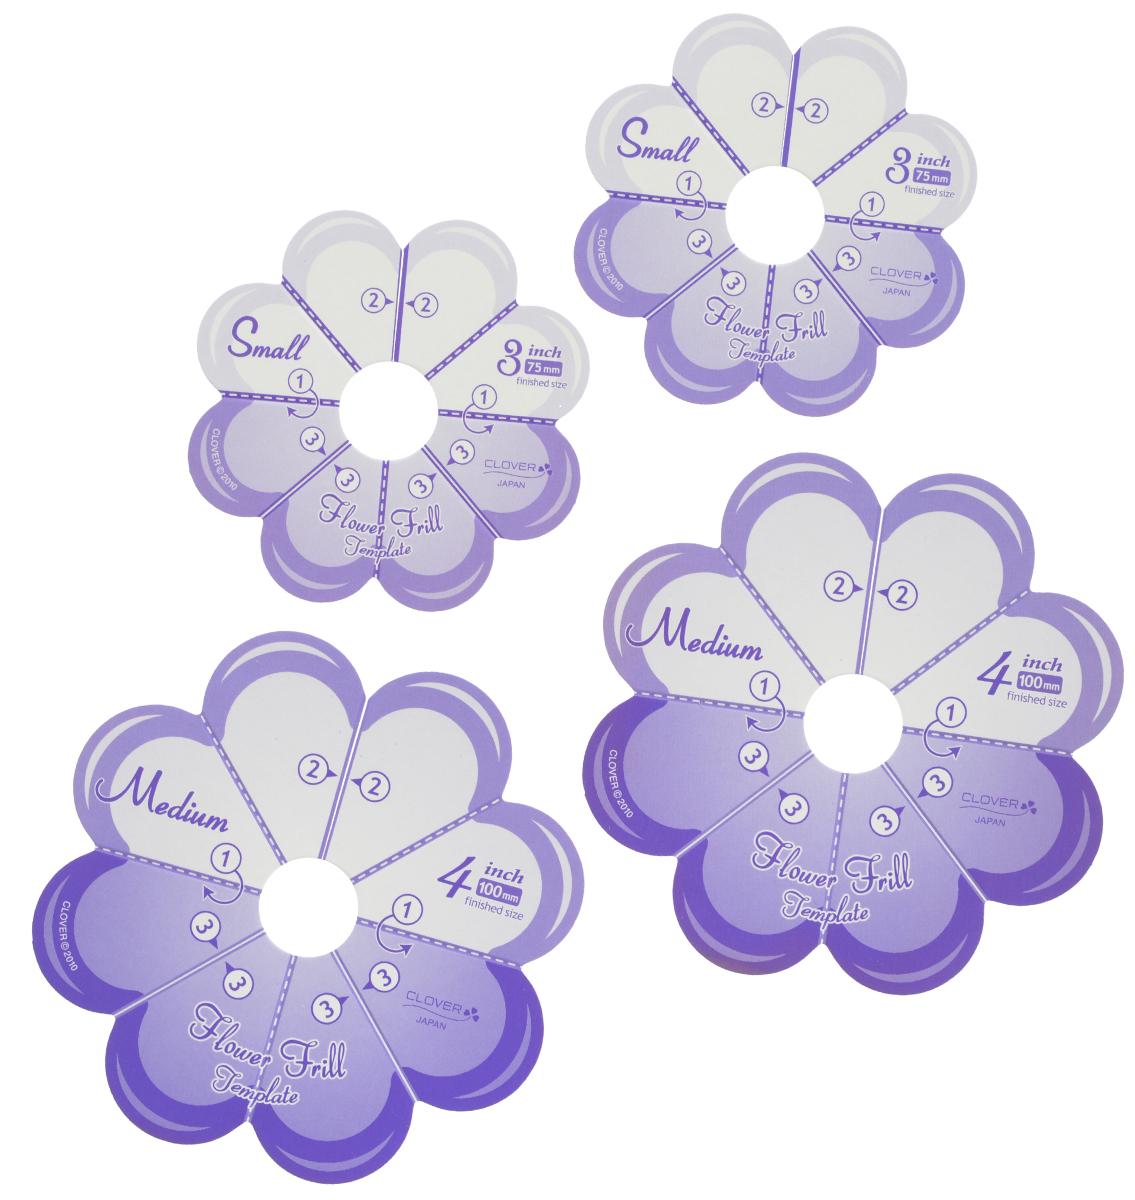 Набор шаблонов для изготовления декоративных цветов Clover, малые и средние, 4 шт8460Шаблон для изготовления декоративных цветов Clover выполнен из картона. Такое изделие позволит быстро и легко изготовить декоративные цветы. Такими цветами можно украсить обручи, элегантные повязки, открытки, подушки и многое другое. В набор входят 2 шаблона диаметром 75 мм и 2 шаблона диаметром 100 мм.